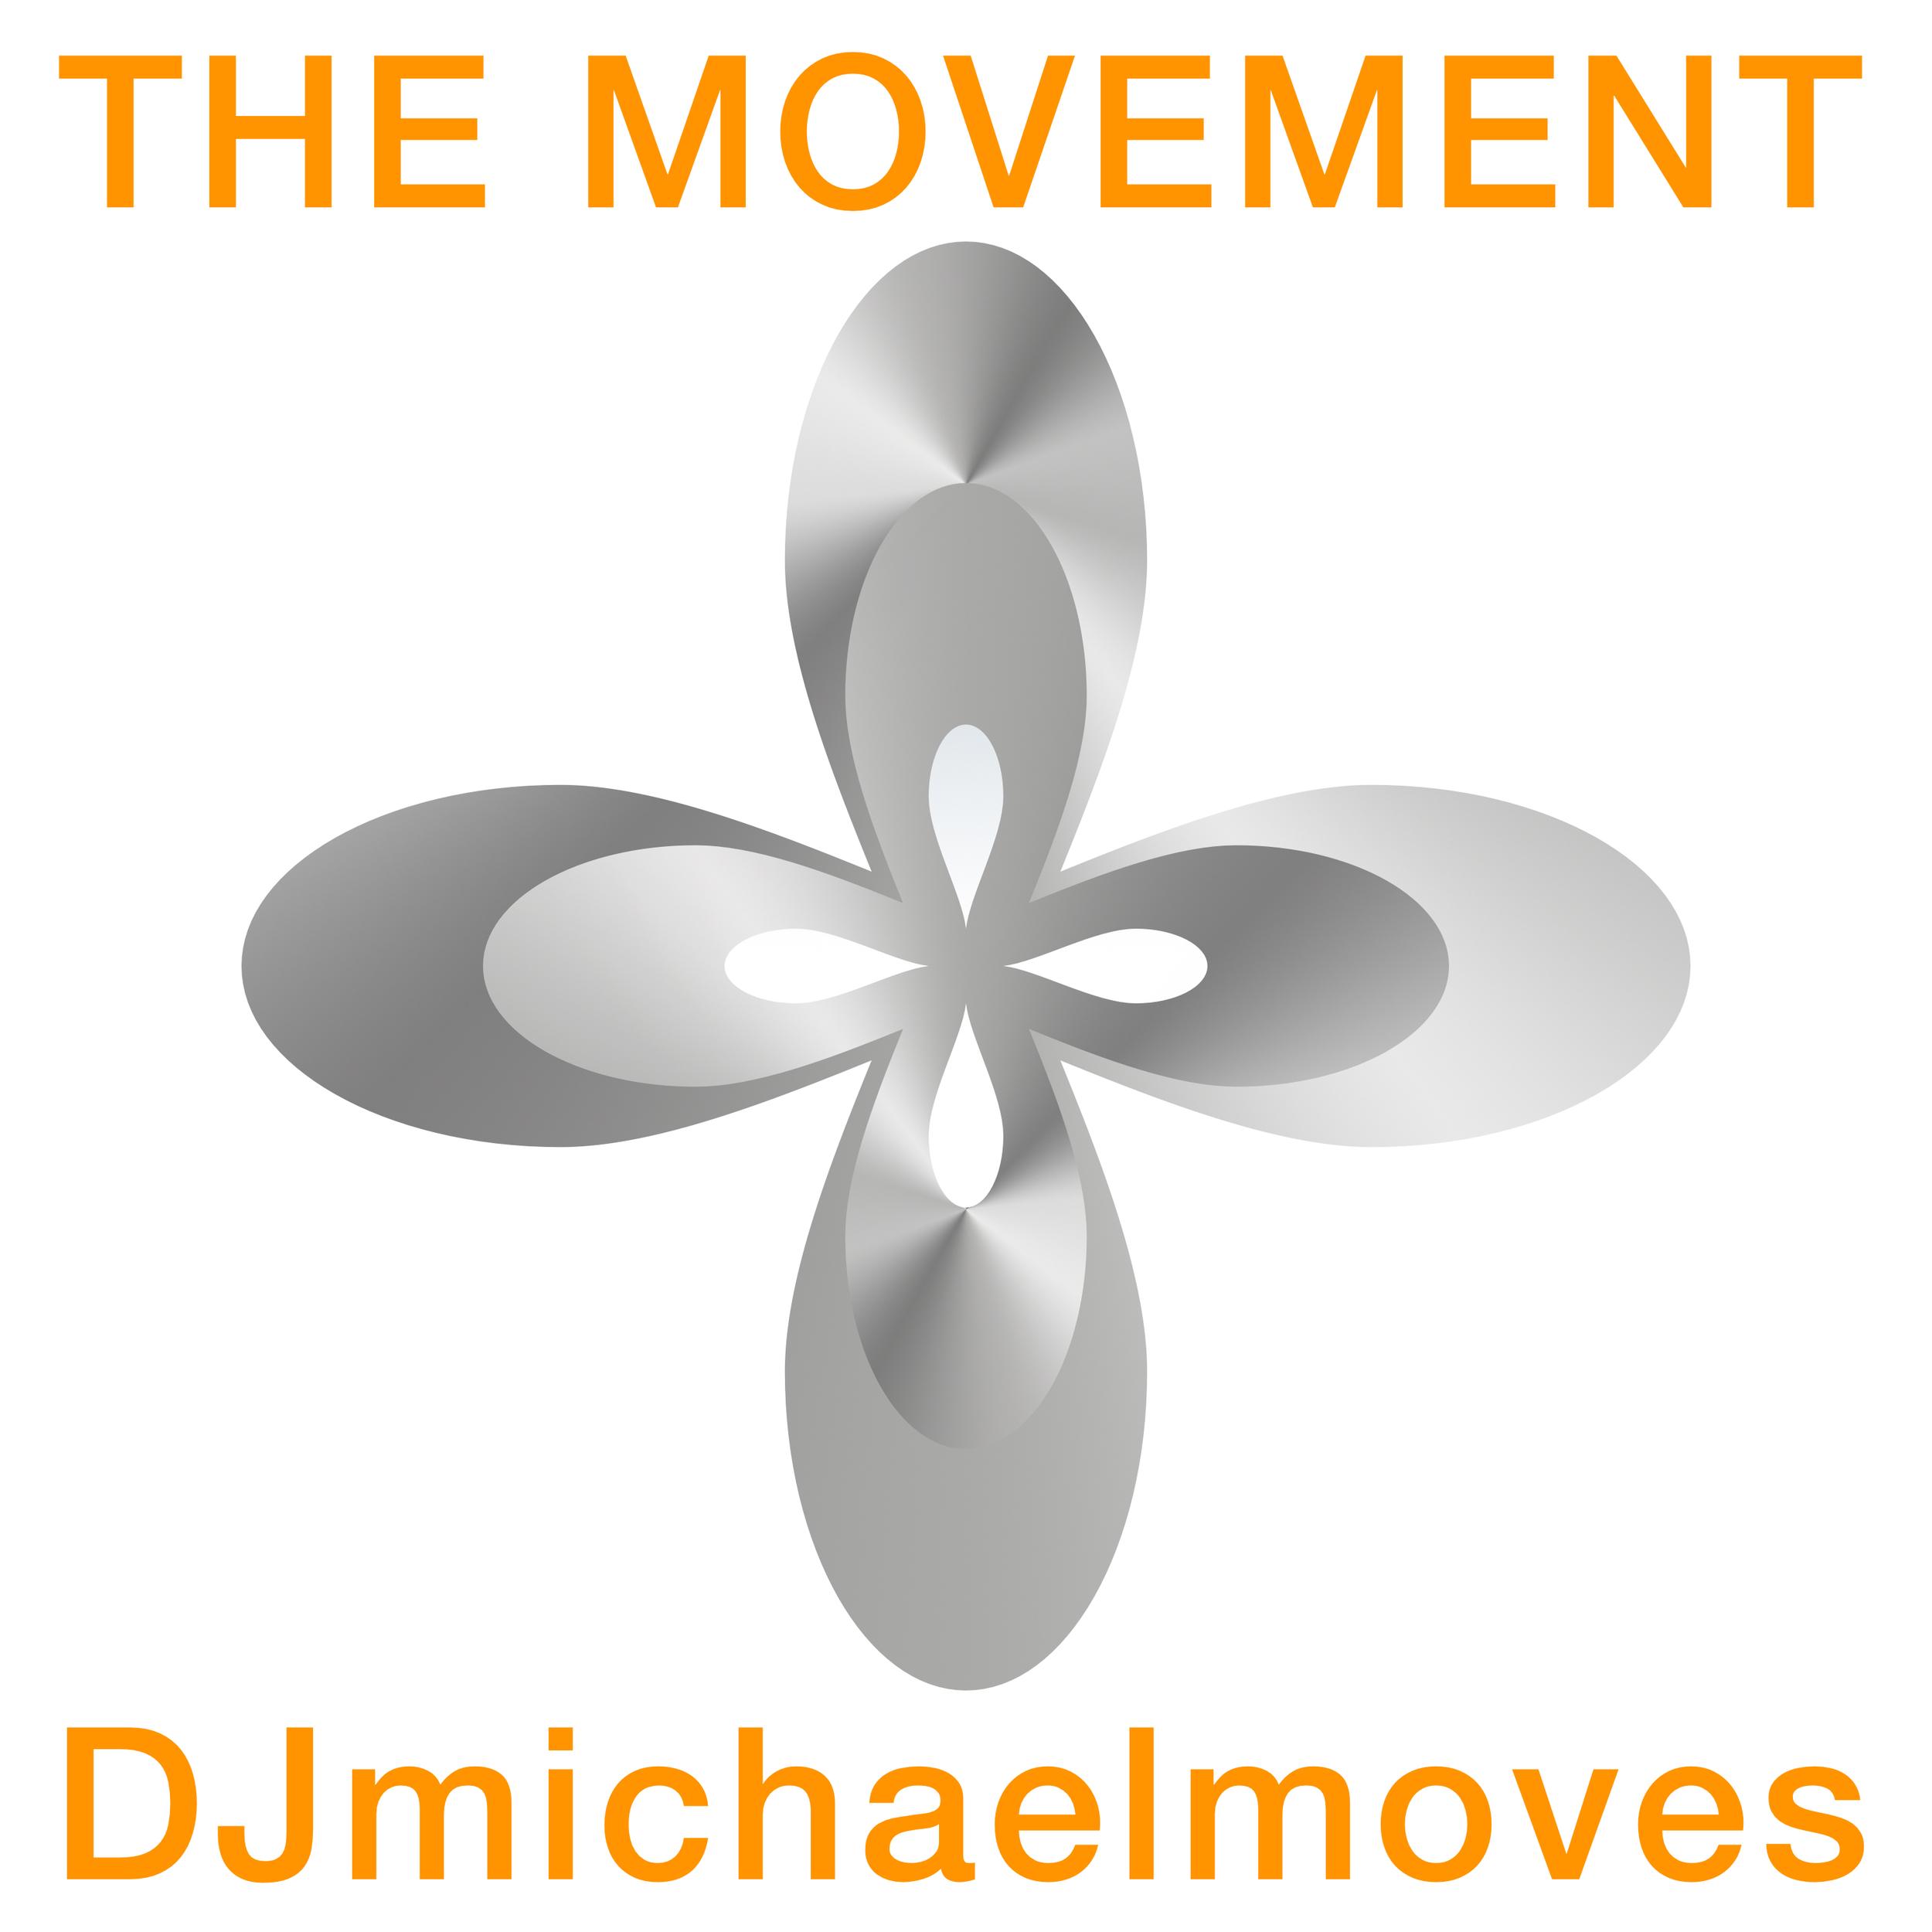 DJmichaelmoves - The Movement Podcast logo